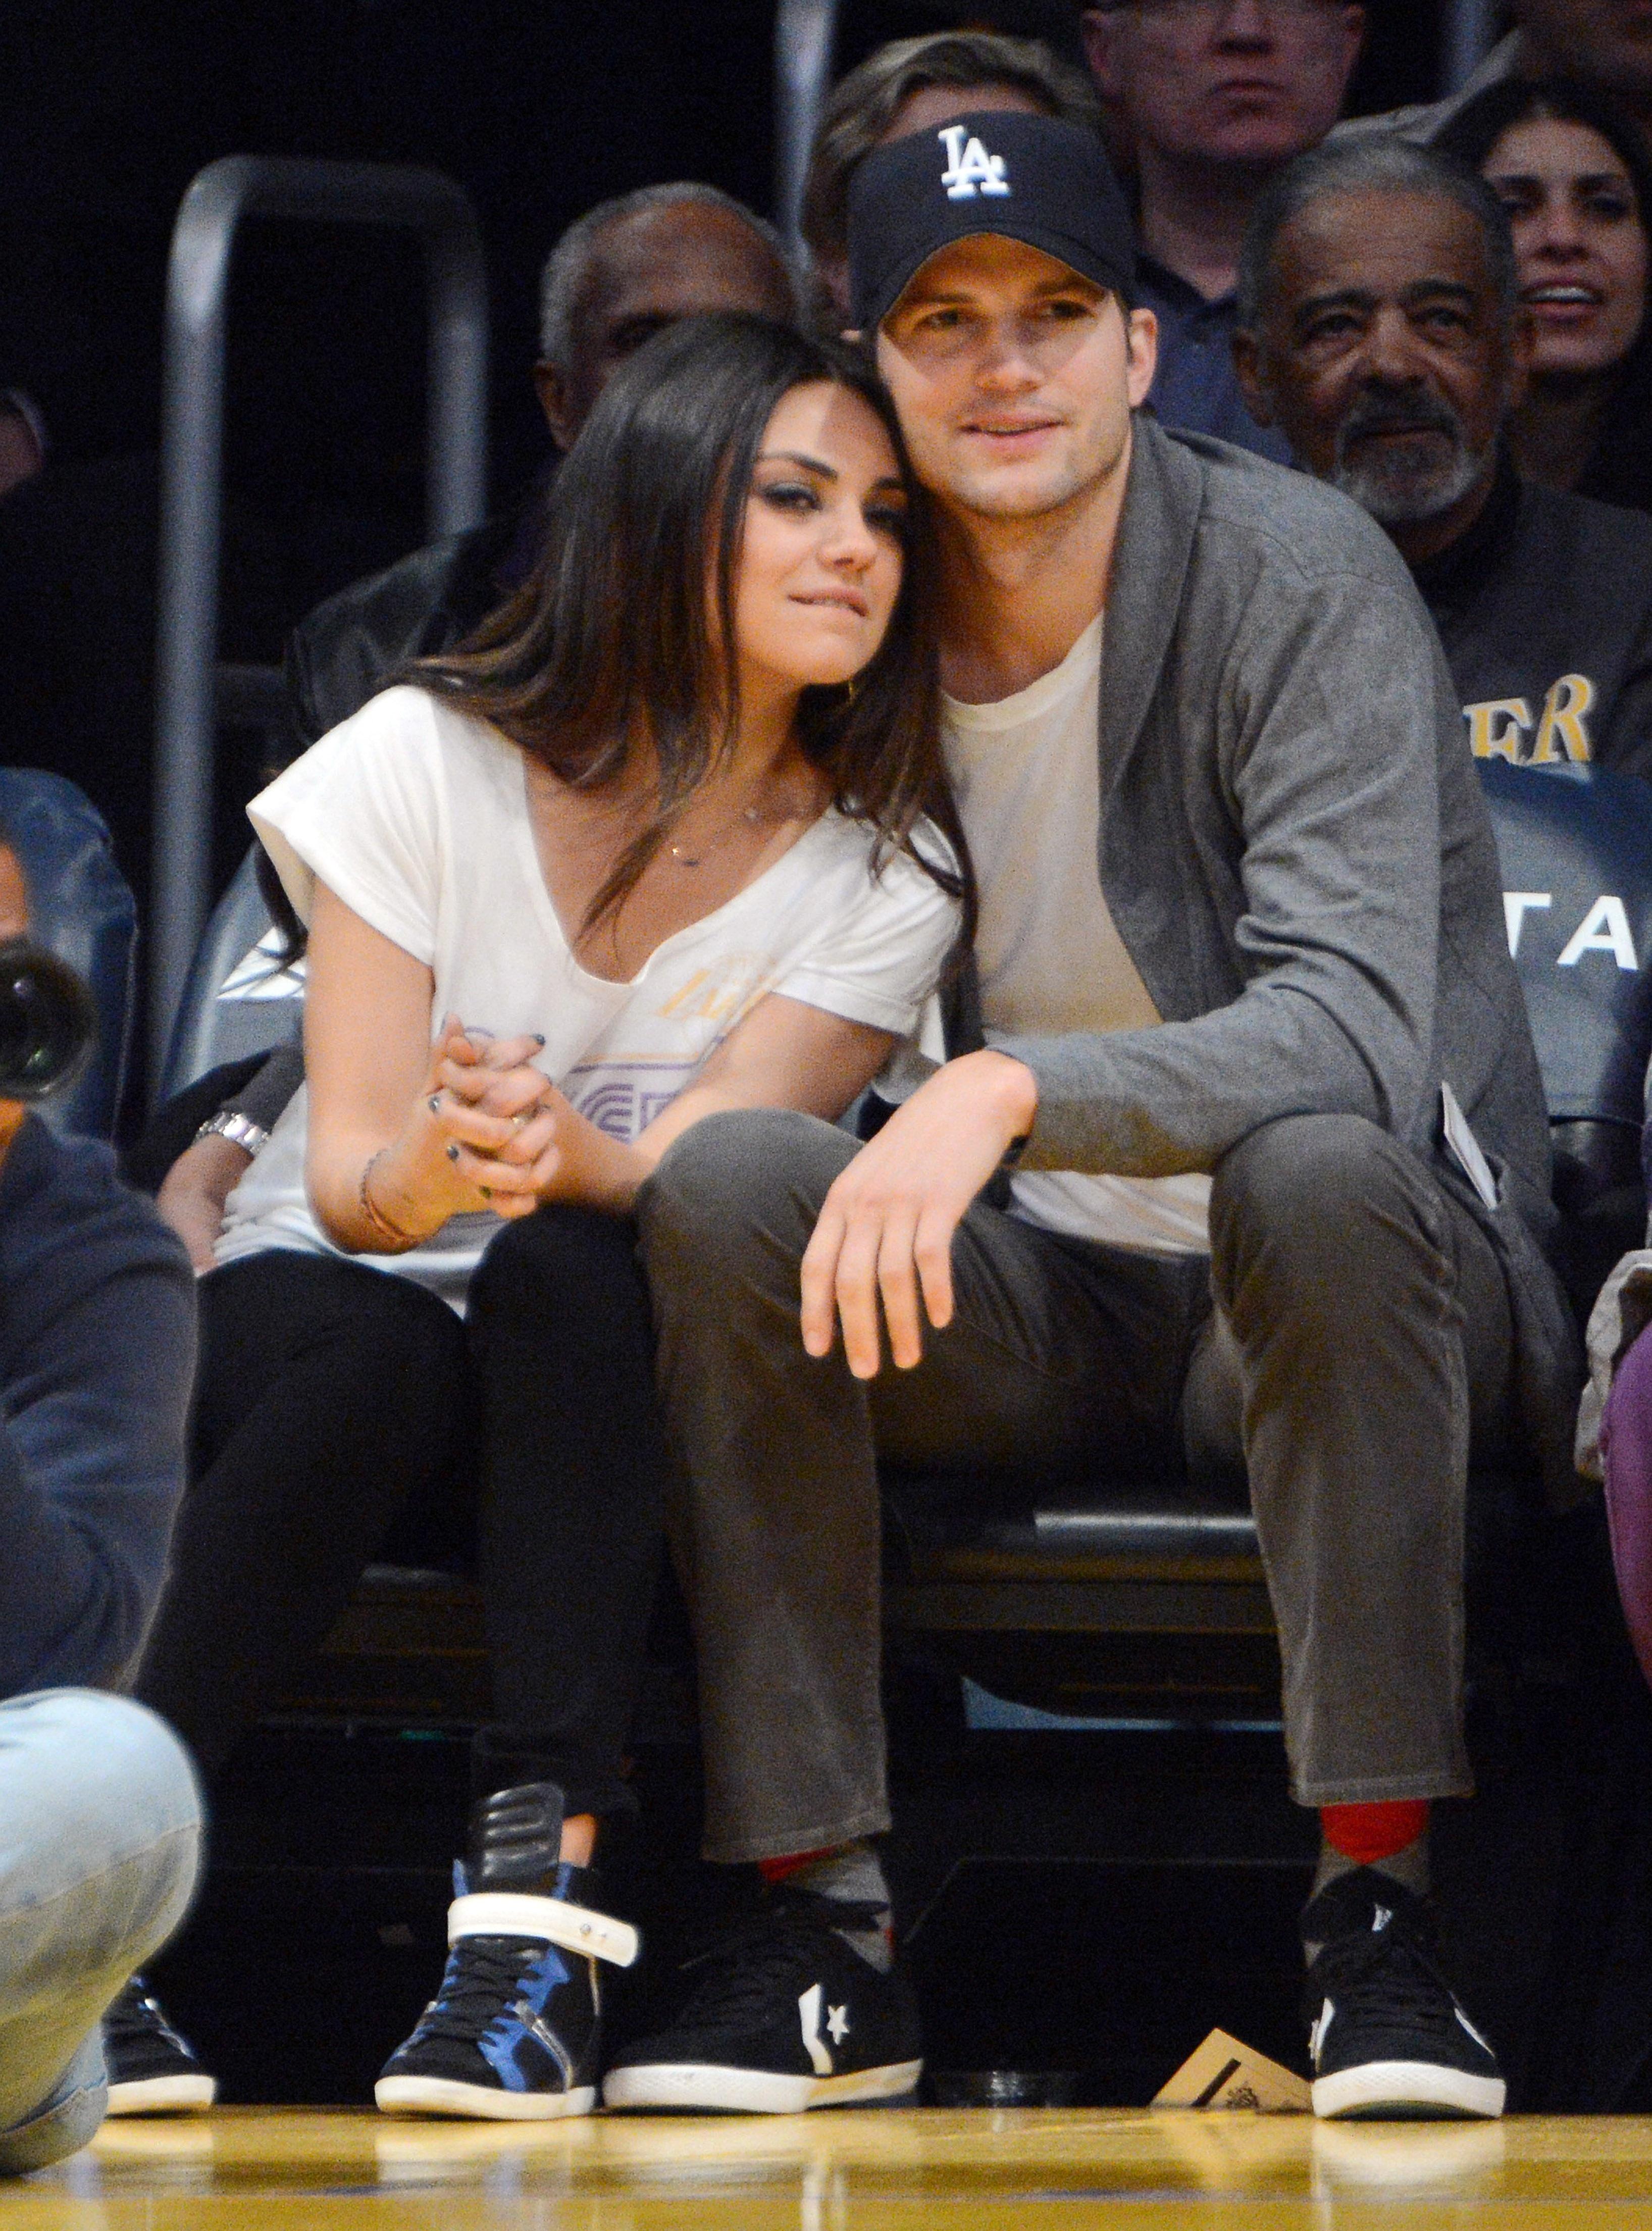 Mila Kunis_Ashton Kutcher_Lakers